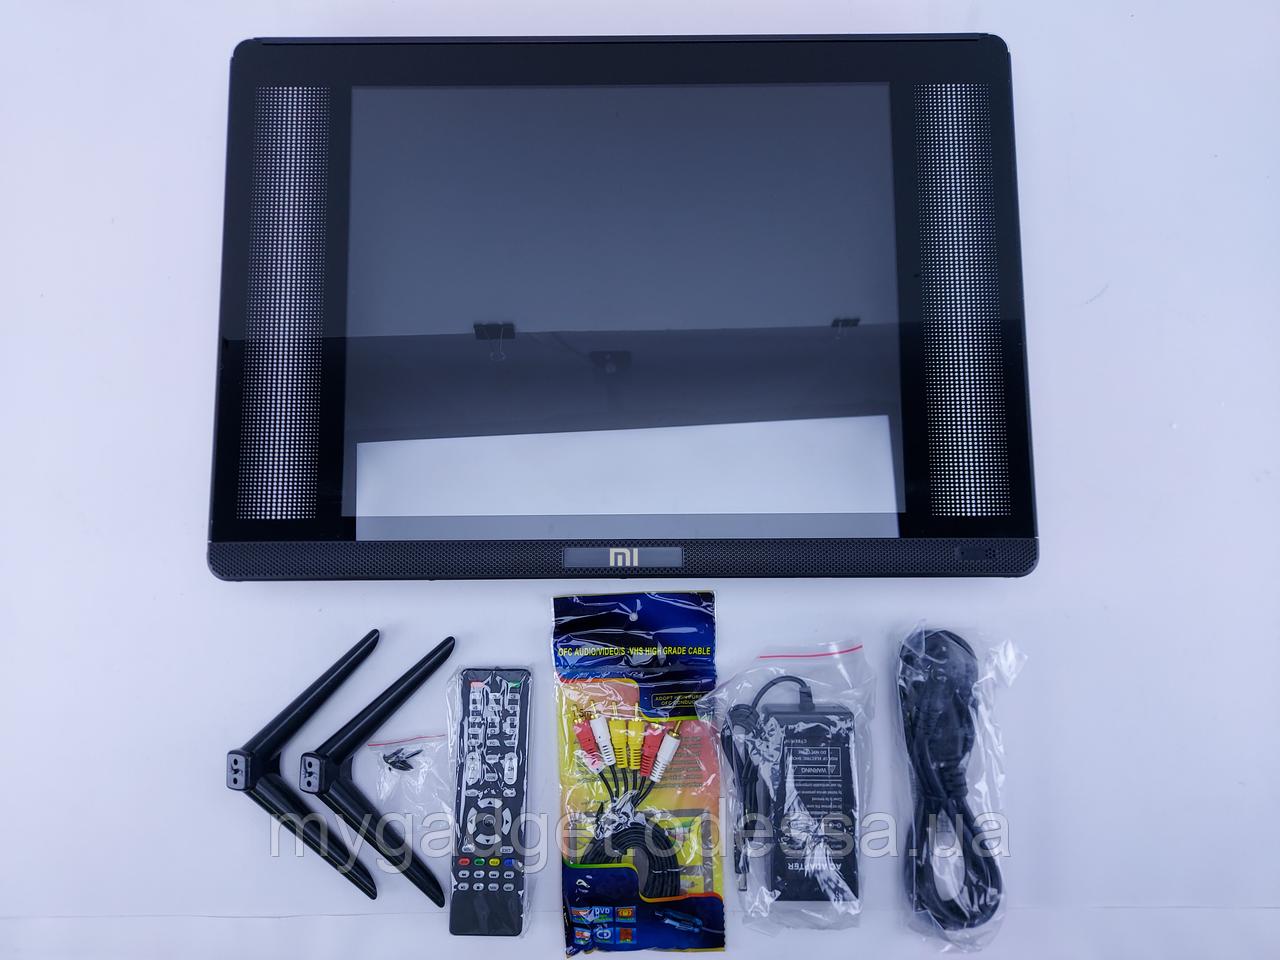 """Фирменный Телевизор Xiaomi 19"""" (HD Ready/DVB-T2/USB)"""